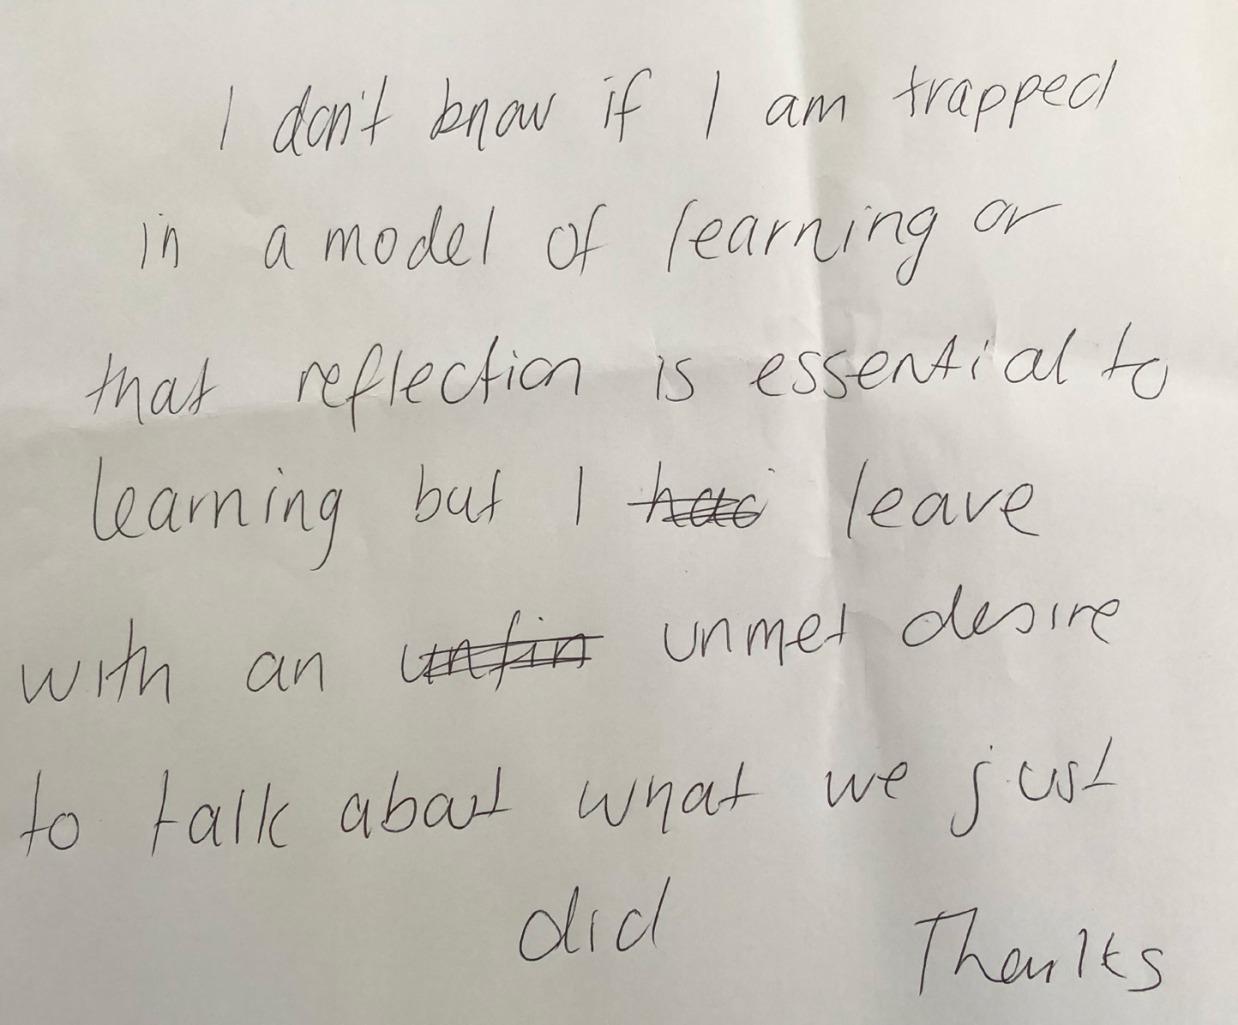 Photograph: Workshop Participant's Comment